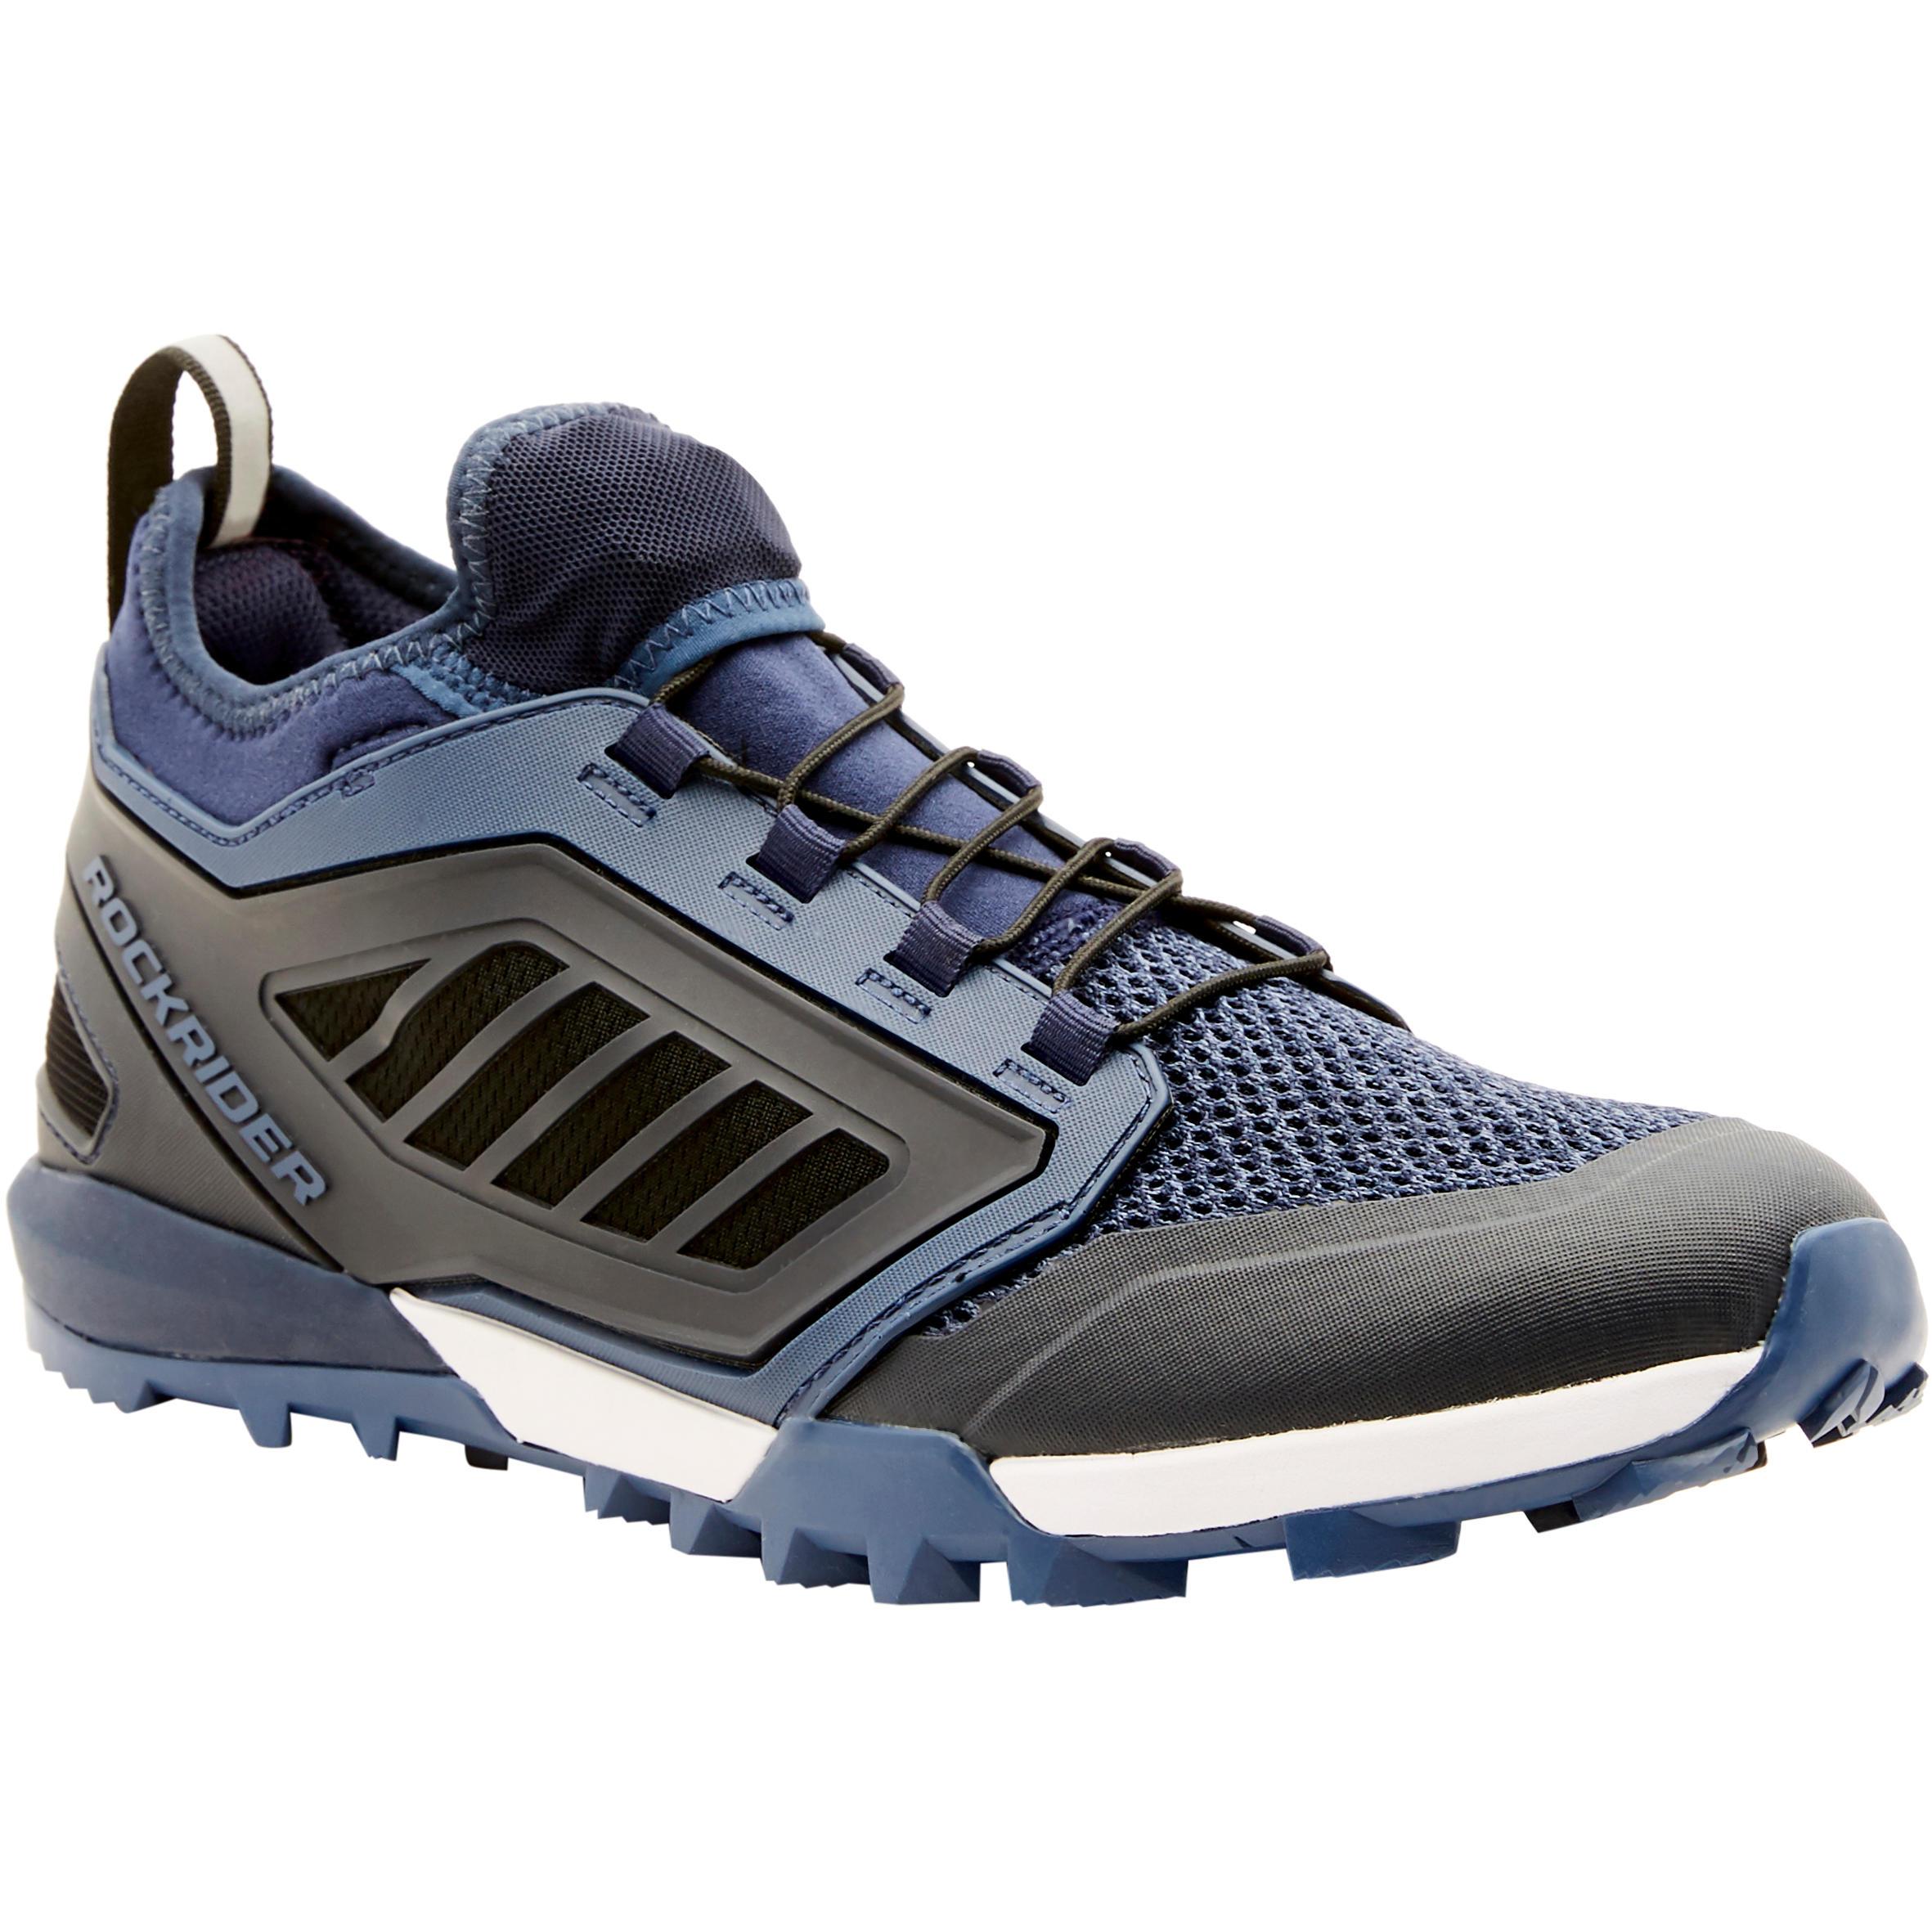 MTB Schuhe ST500 | Schuhe > Sportschuhe > Fahrradschuhe | Rockrider